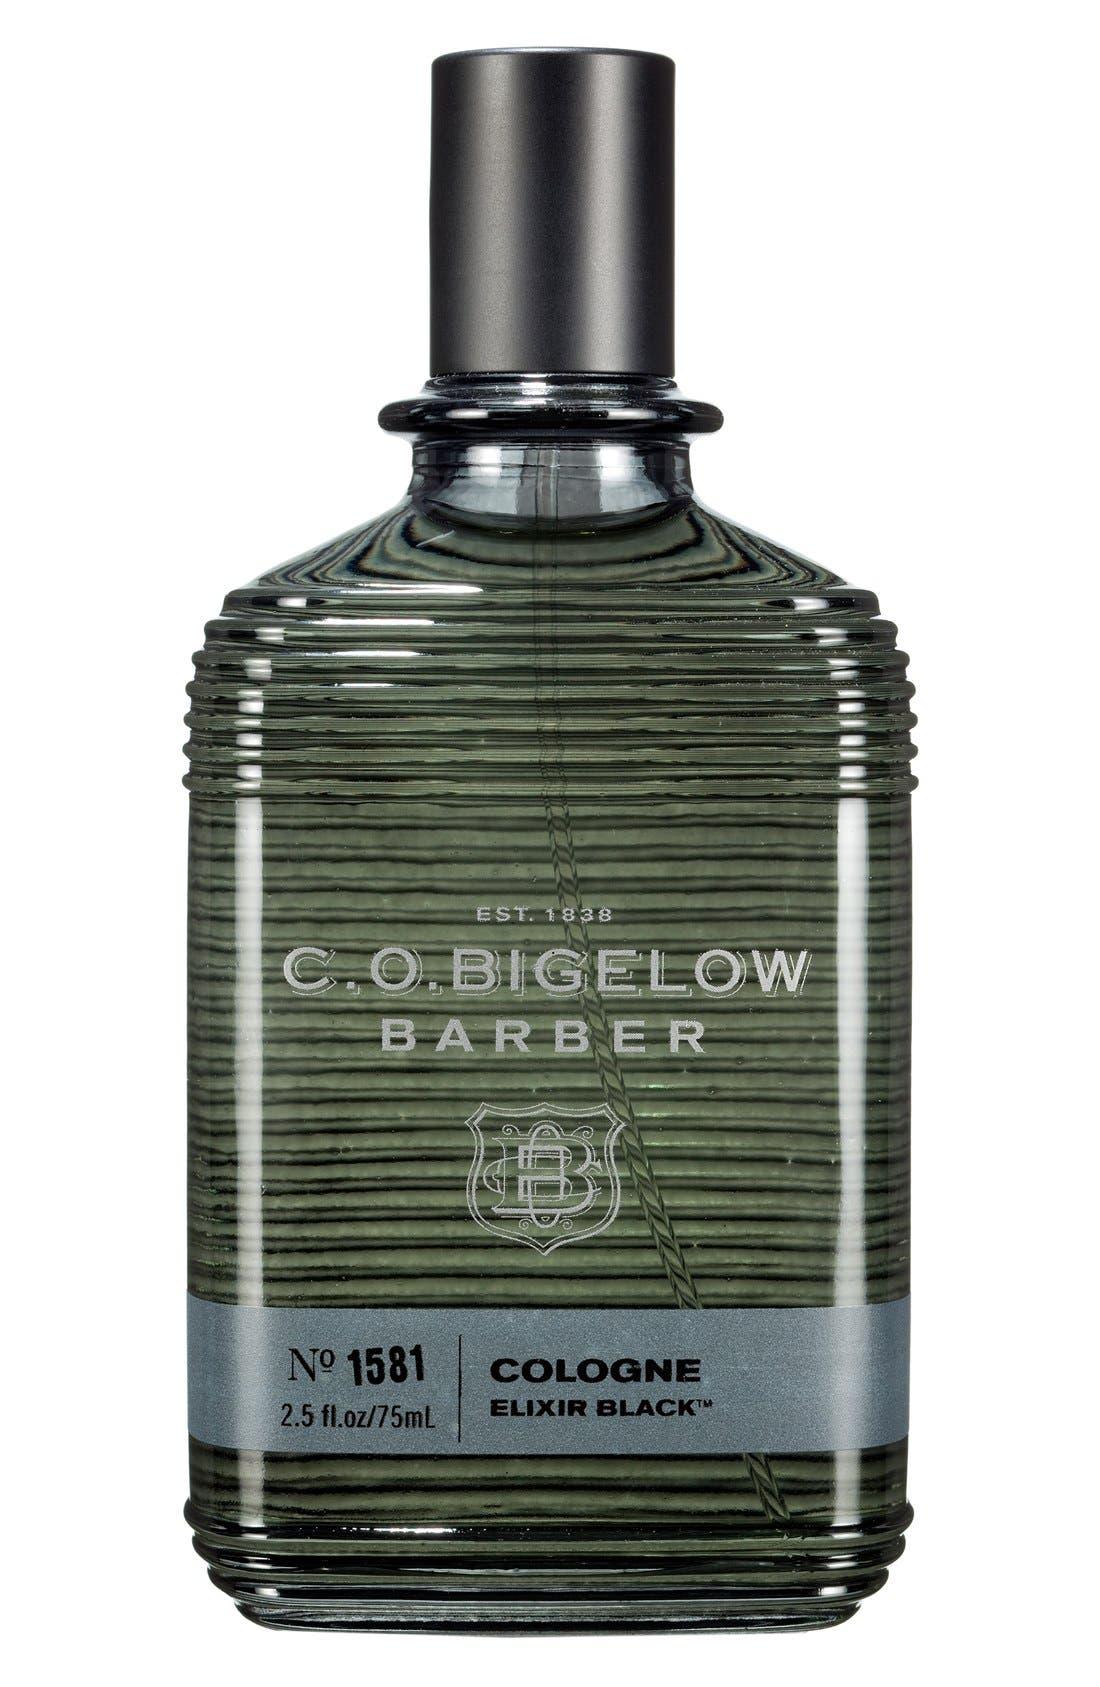 C.O. Bigelow® 'Barber - Elixir Black' Cologne